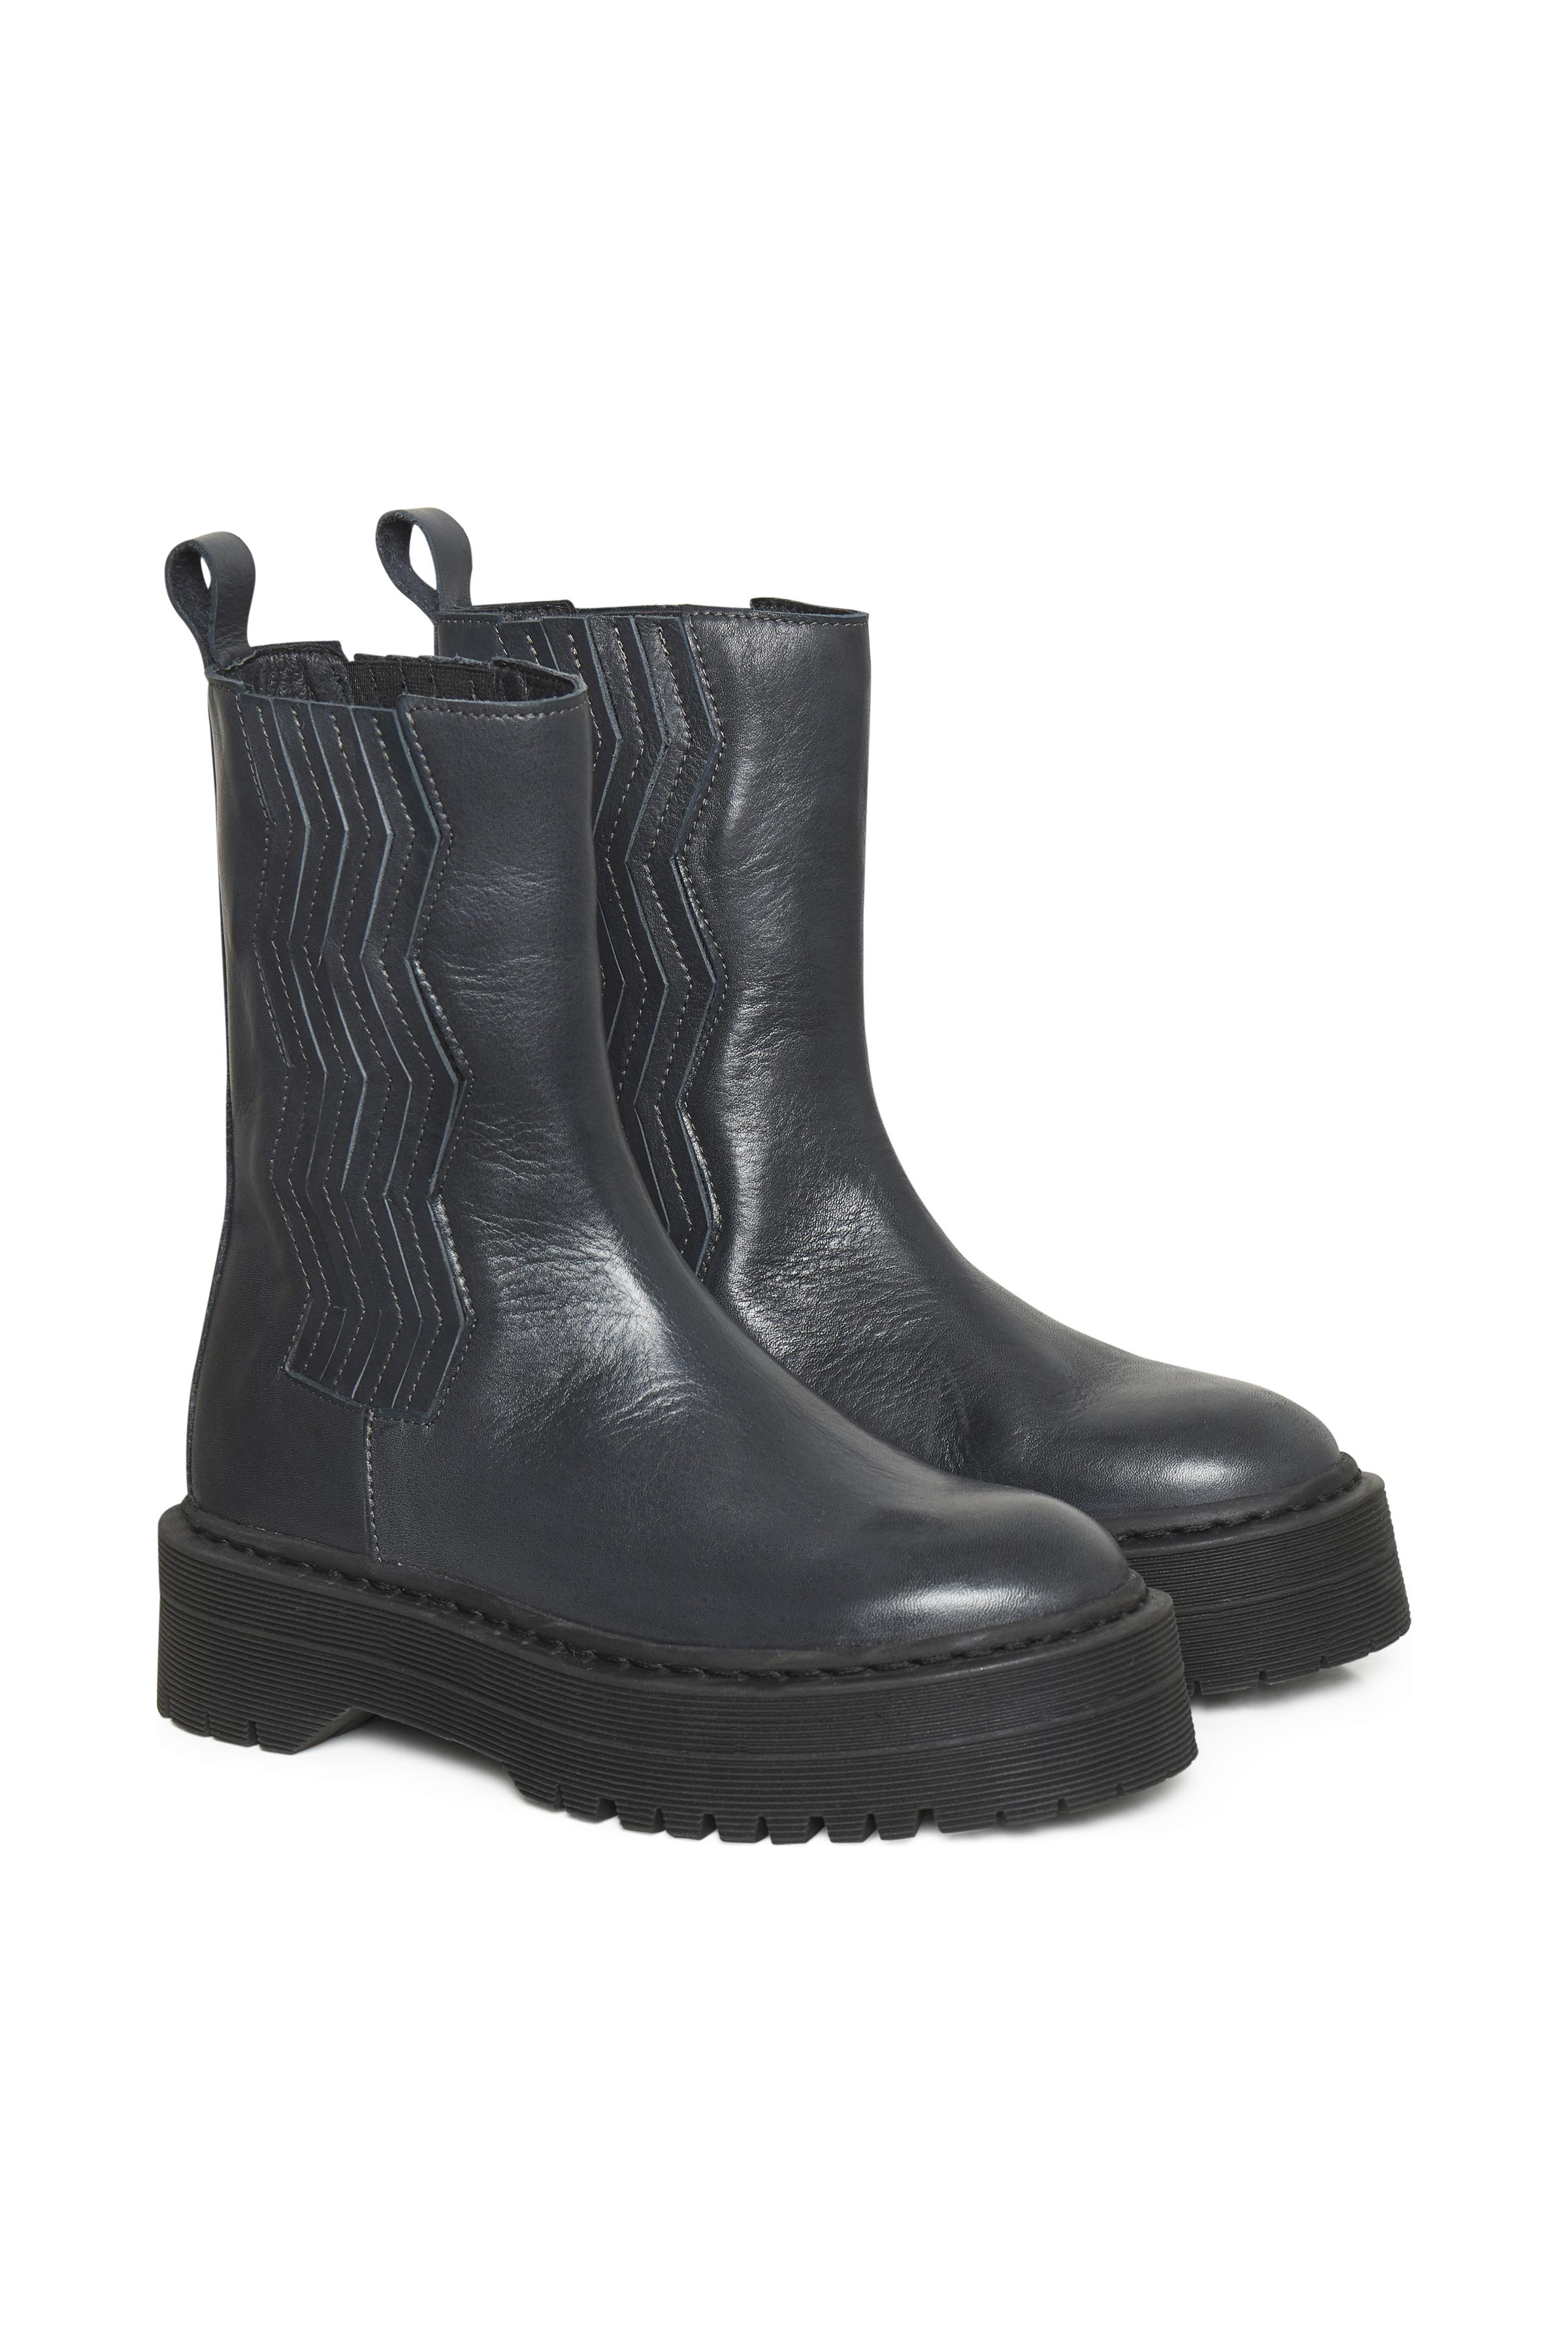 Gestuz- MarleeGZ boots